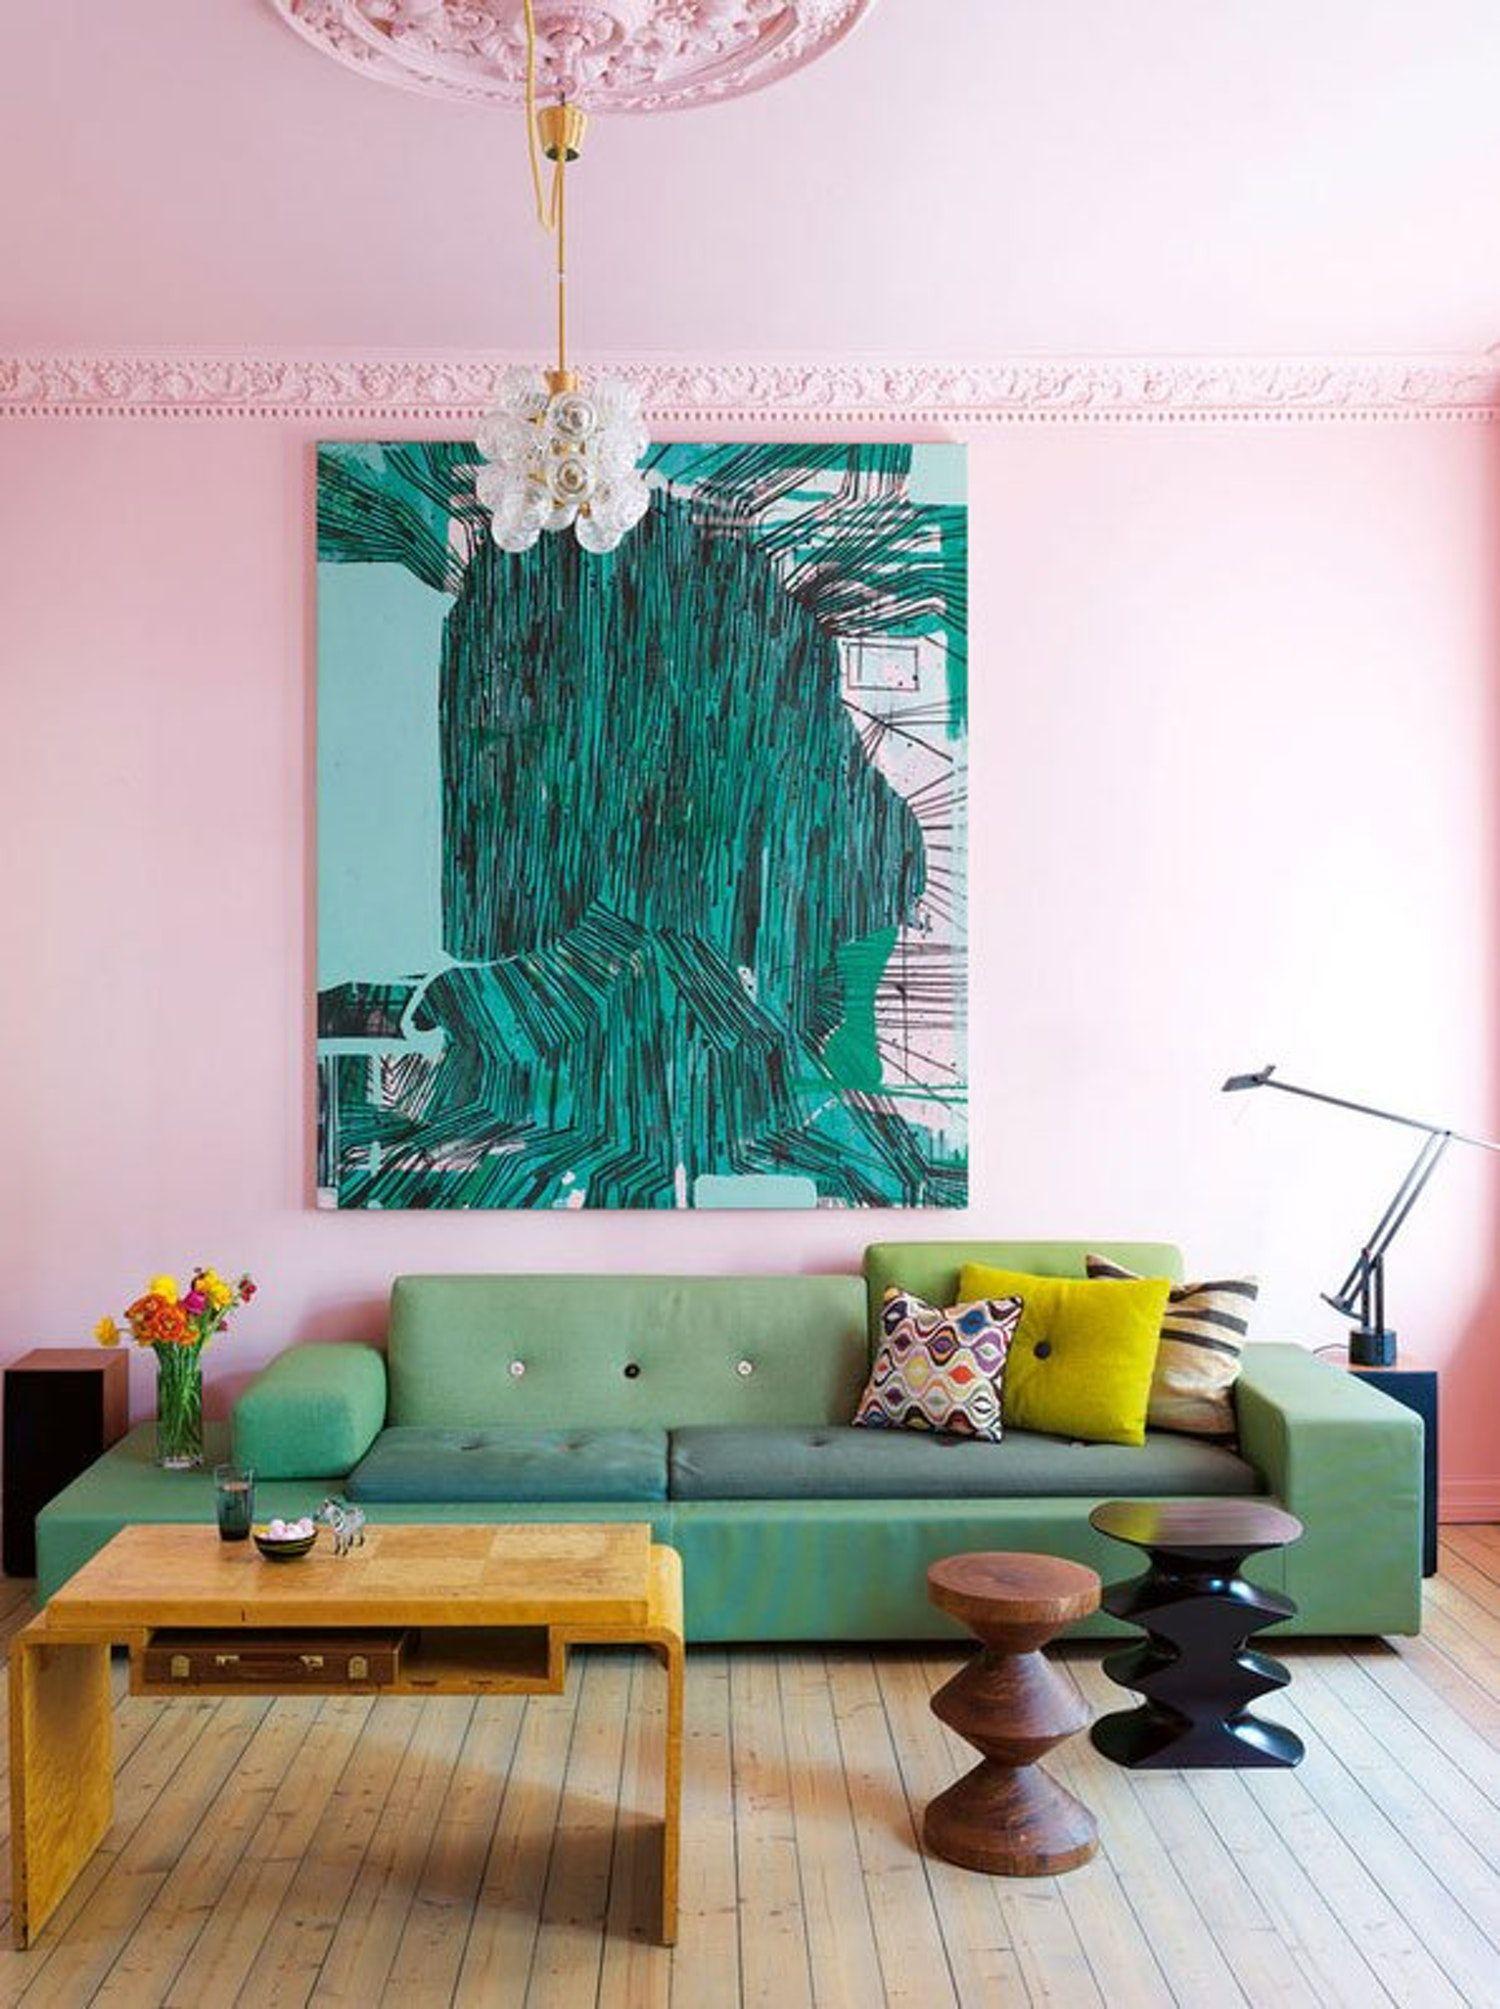 ideas sobre que colores se llevan para pintar un salon, paredes en rosado, muebles y detalles decorativos verdes